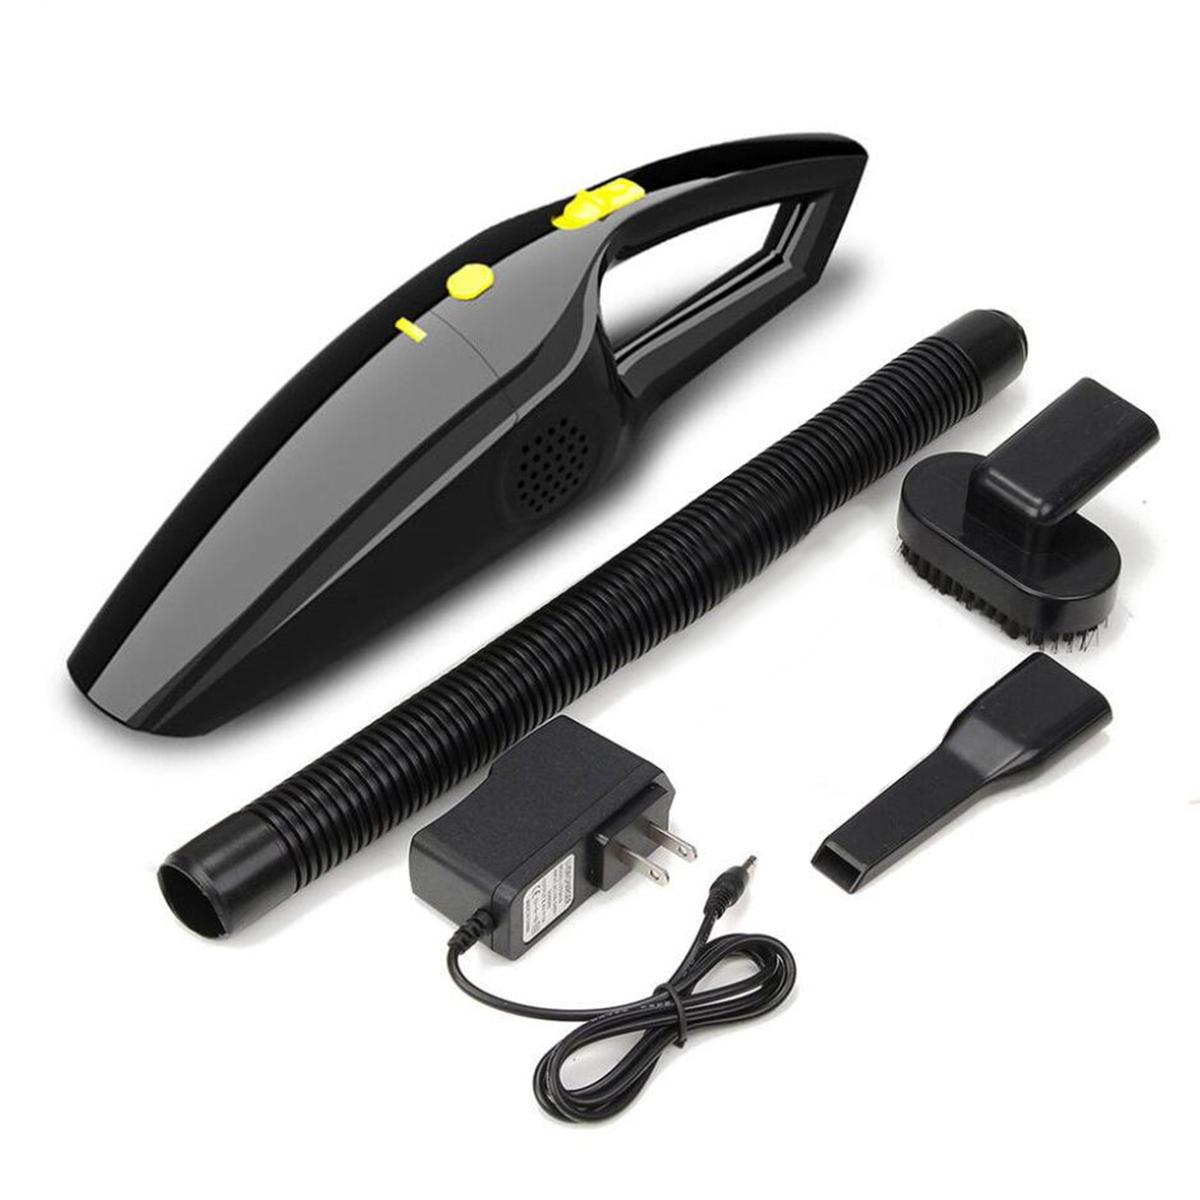 portable vacuum cleaner 12v cordless portable handheld wet. Black Bedroom Furniture Sets. Home Design Ideas